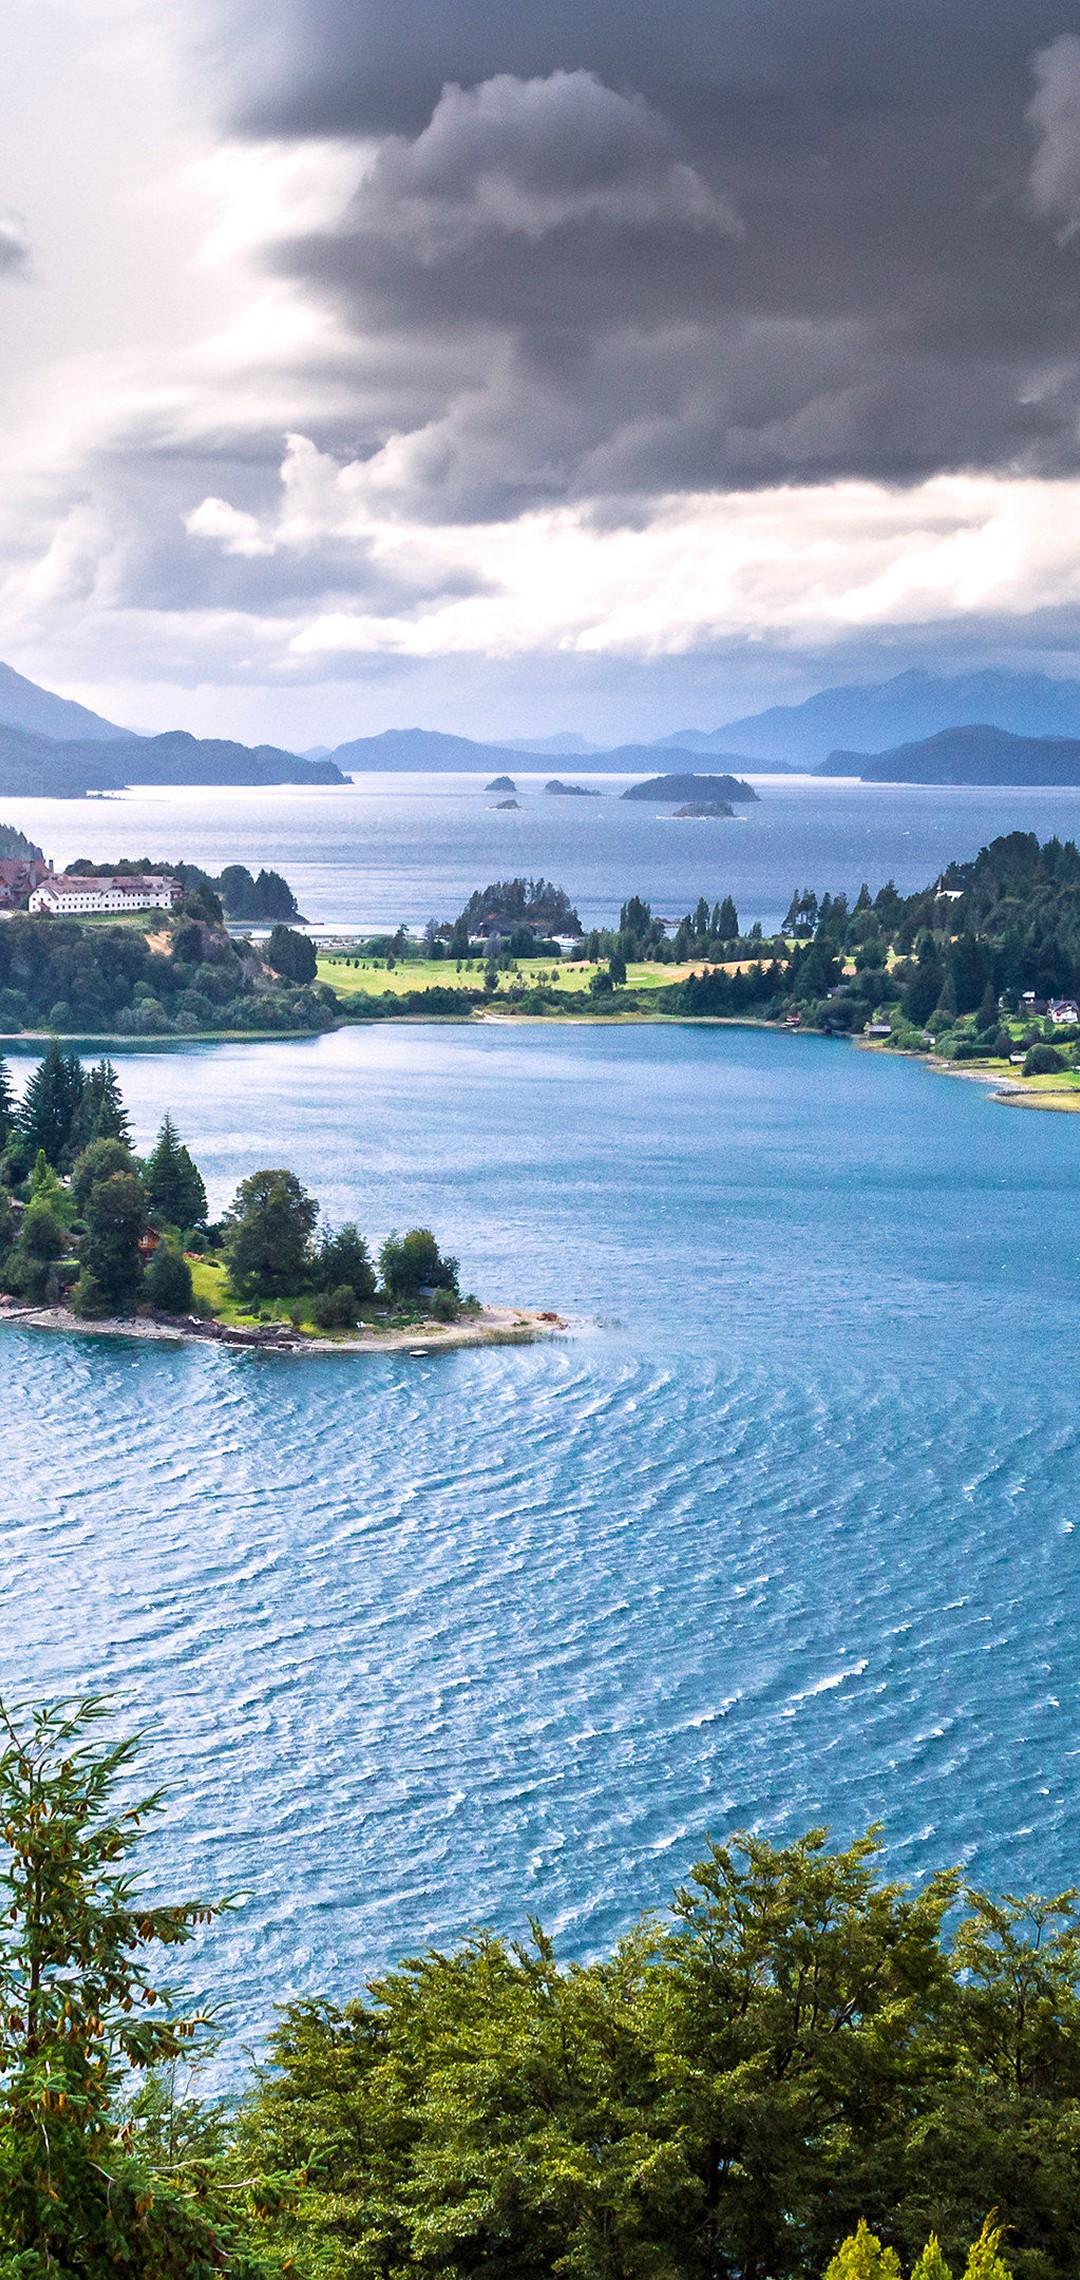 Lake view wallpaper 1080x2280 - 1080 x 1080 background ...